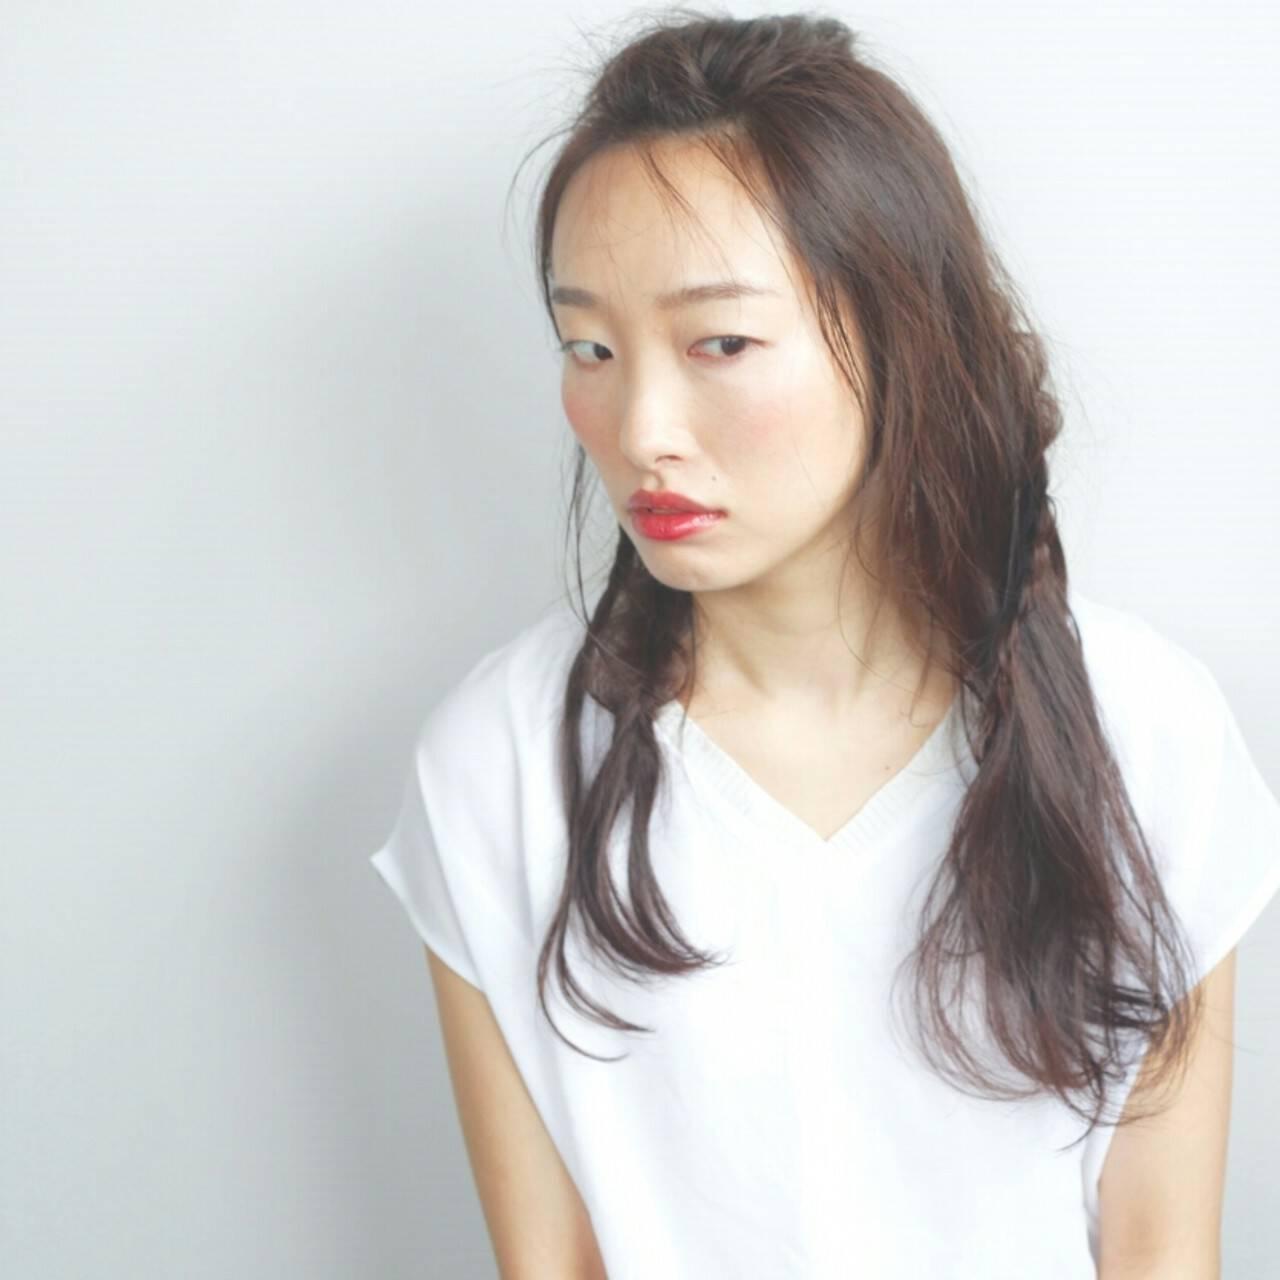 アッシュ 暗髪 アンニュイ ロングヘアスタイルや髪型の写真・画像